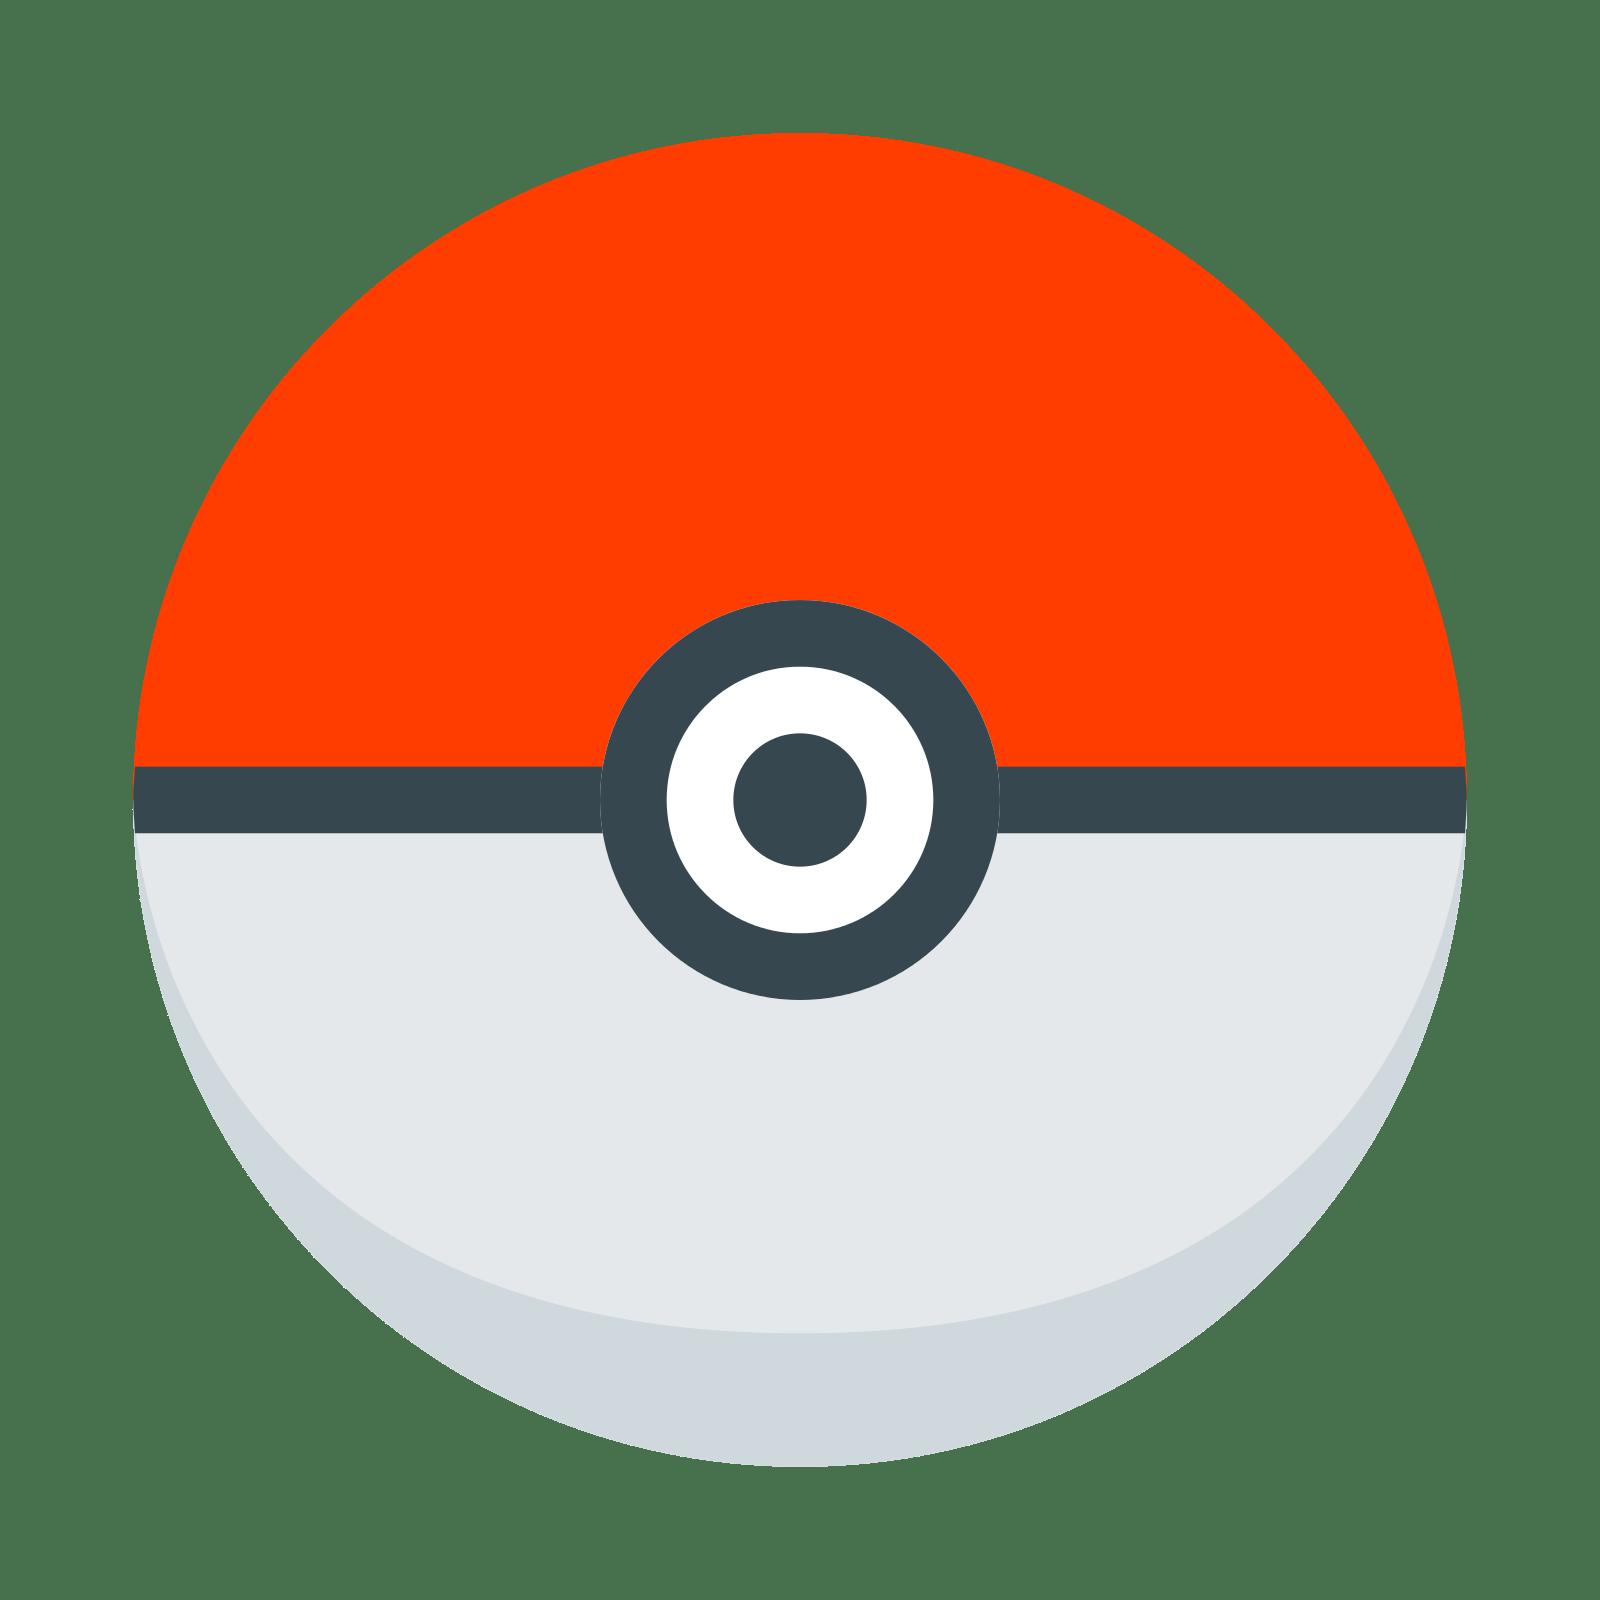 Drawn pokeball soccer goal post Pokeball Icons Ball for icon